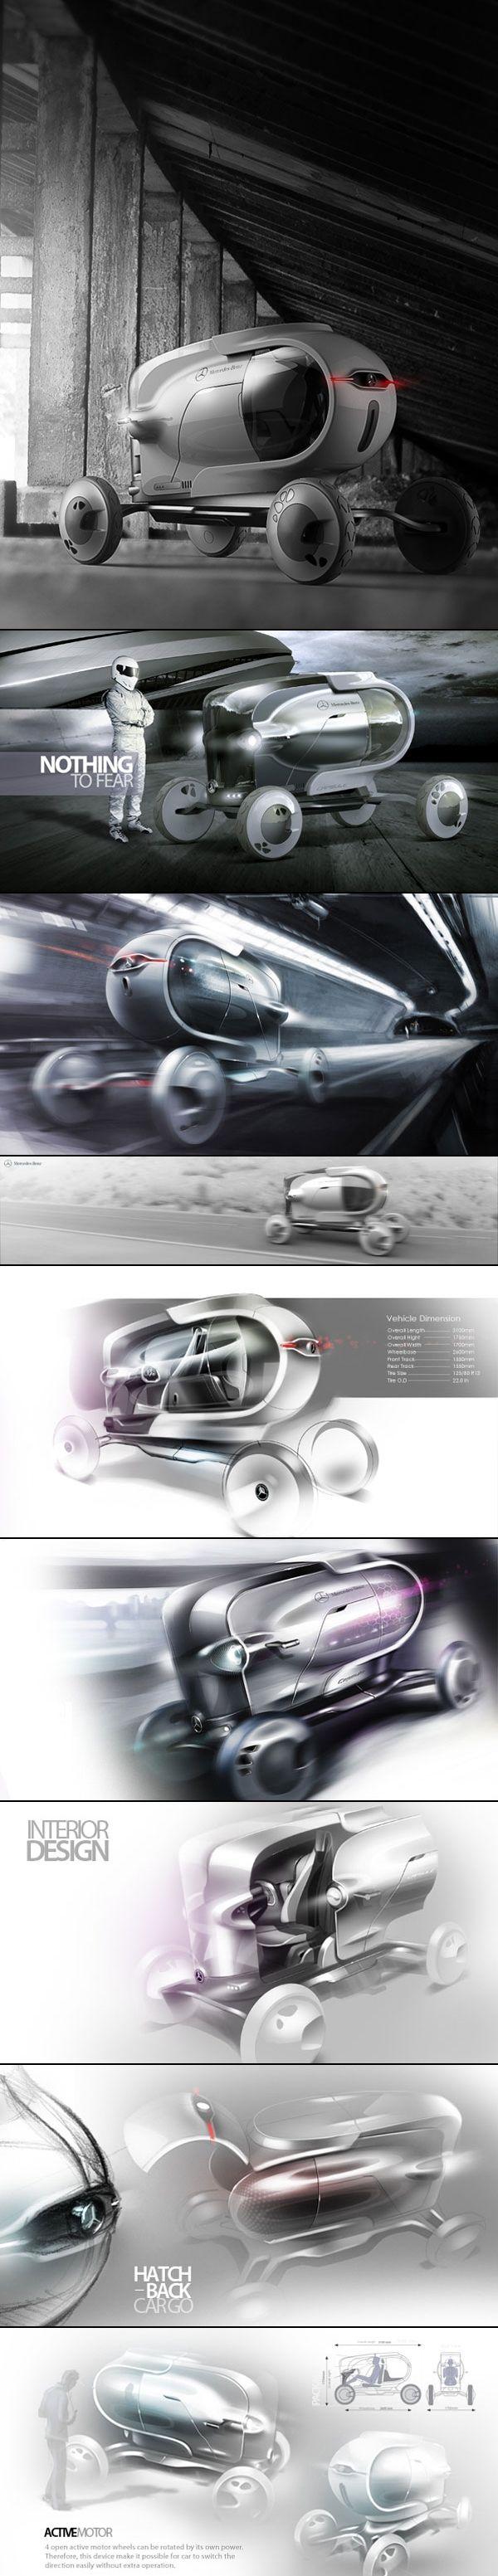 Mercedes-Benz Capsule concept by Jason Chen